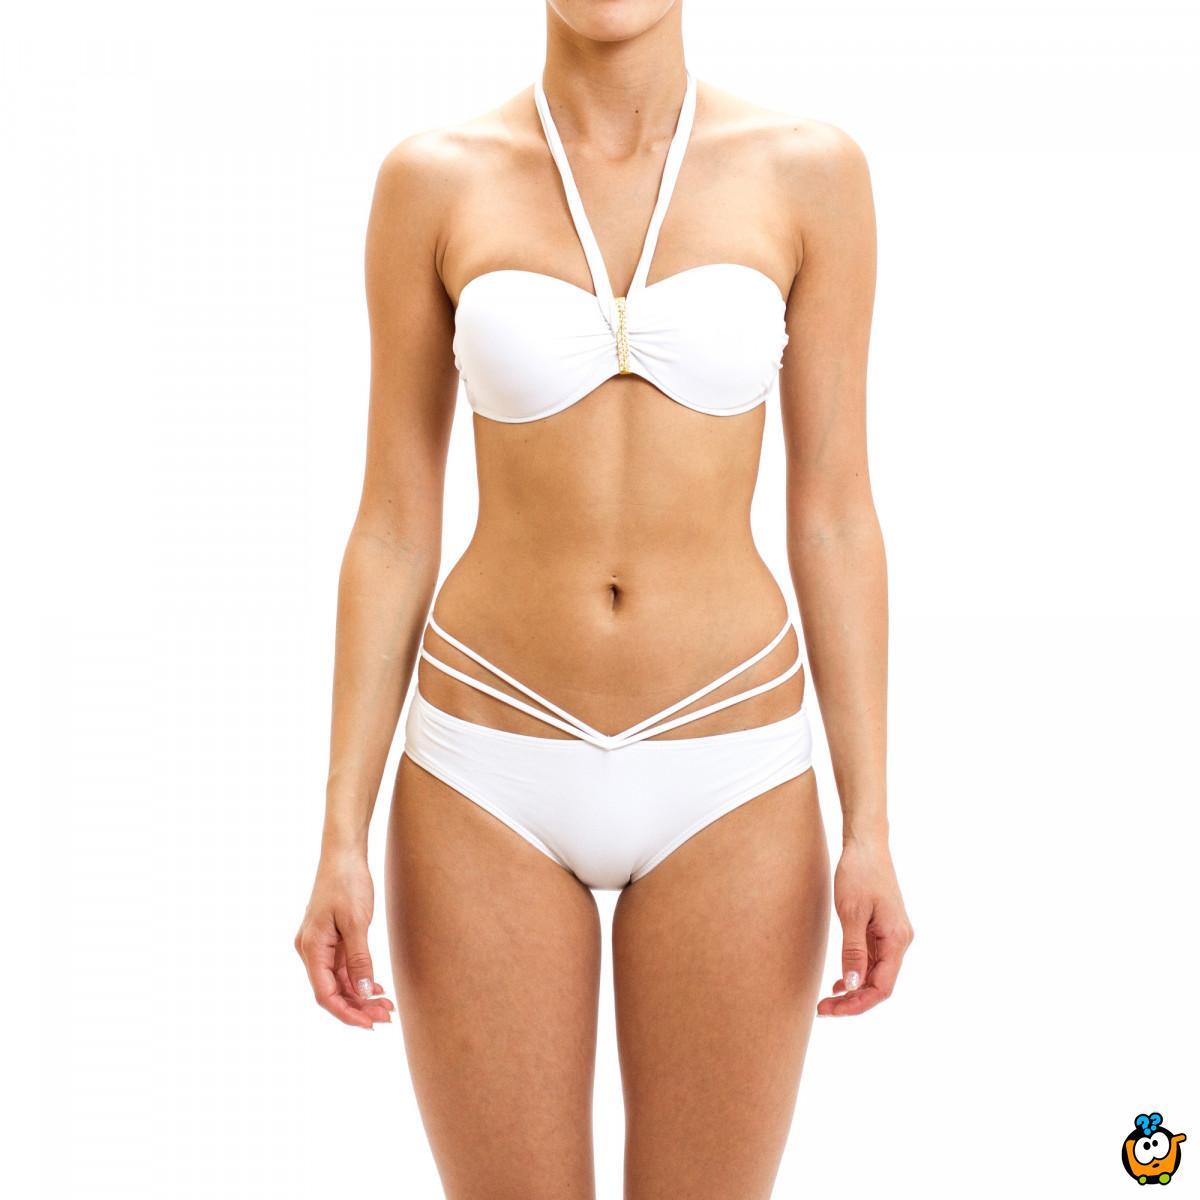 Dvodelni ženski kupaći kostim - MISS-ON WHITE